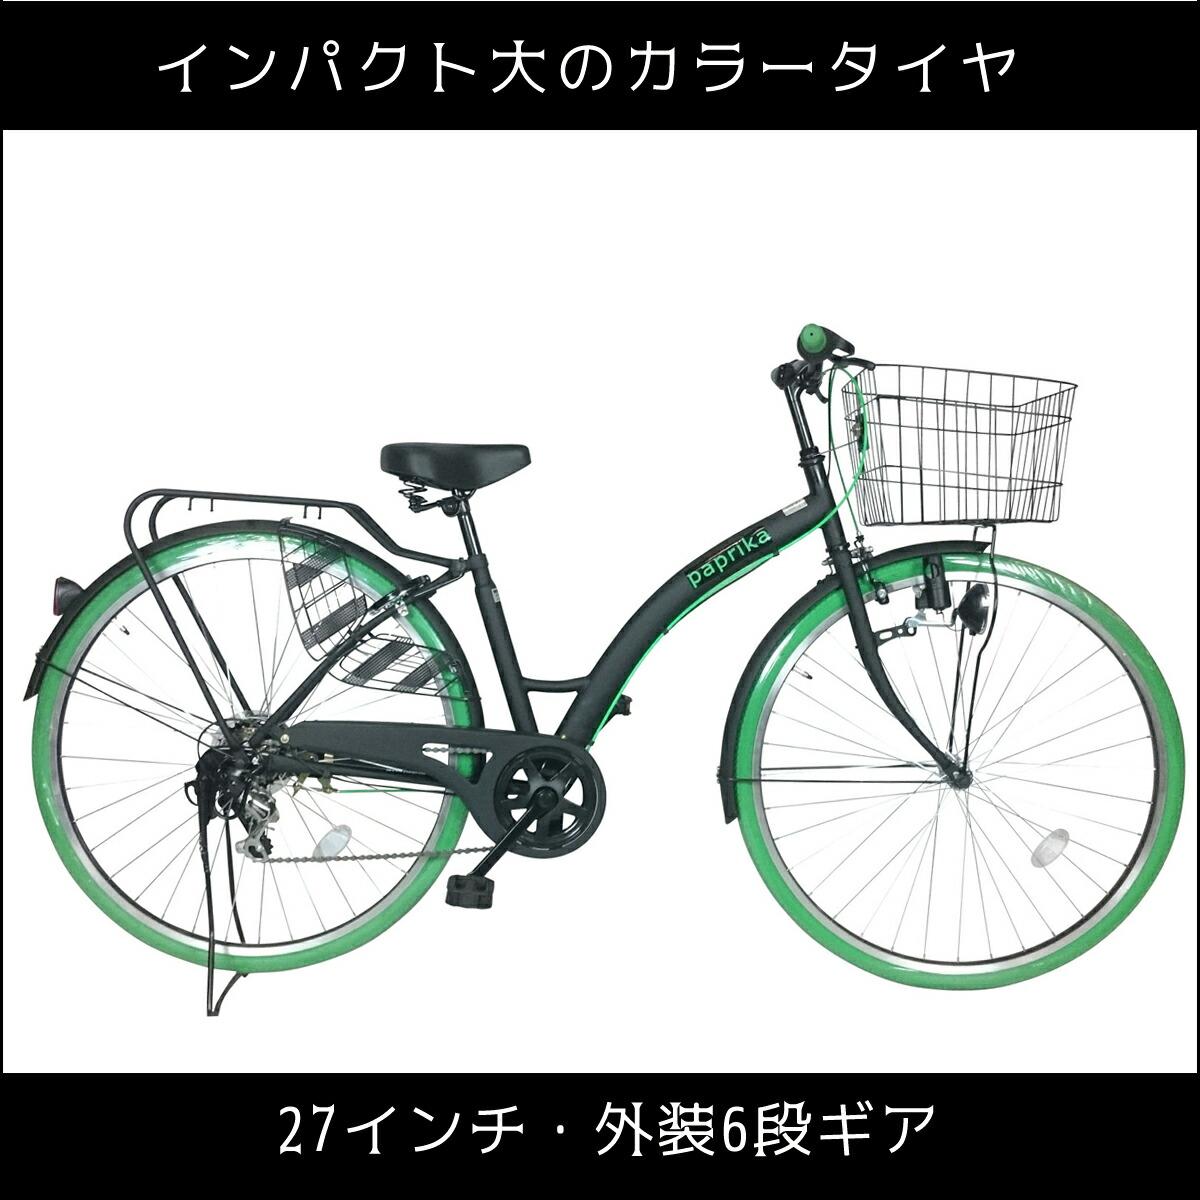 グリーン自転車